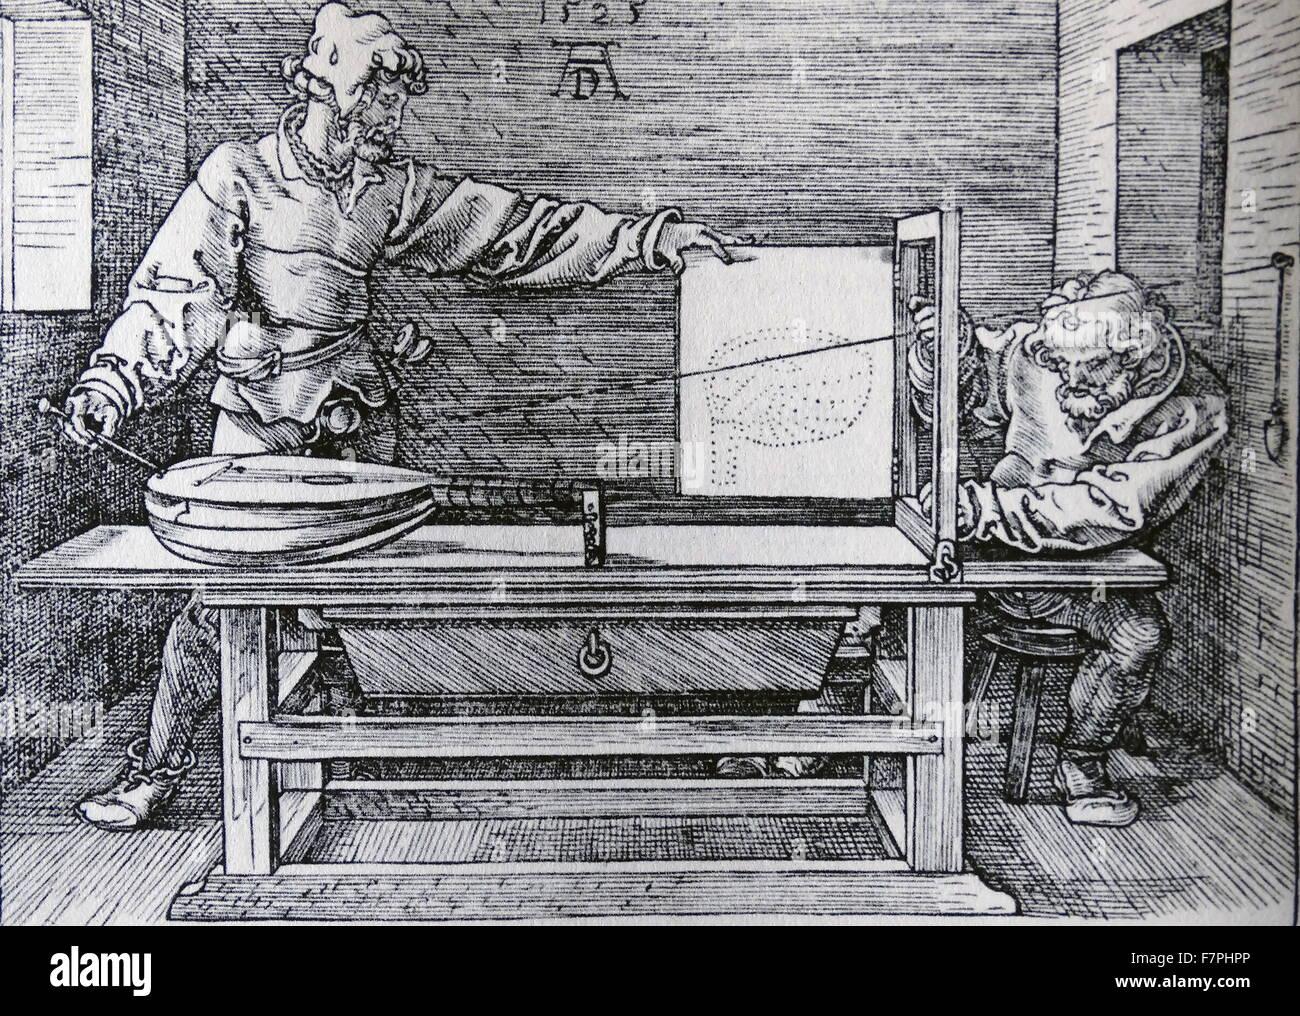 """Holzschnitt mit dem Titel """"Demonstration der Prespective Zeichnen einer Laute"""" von Albrecht Dürer Stockbild"""